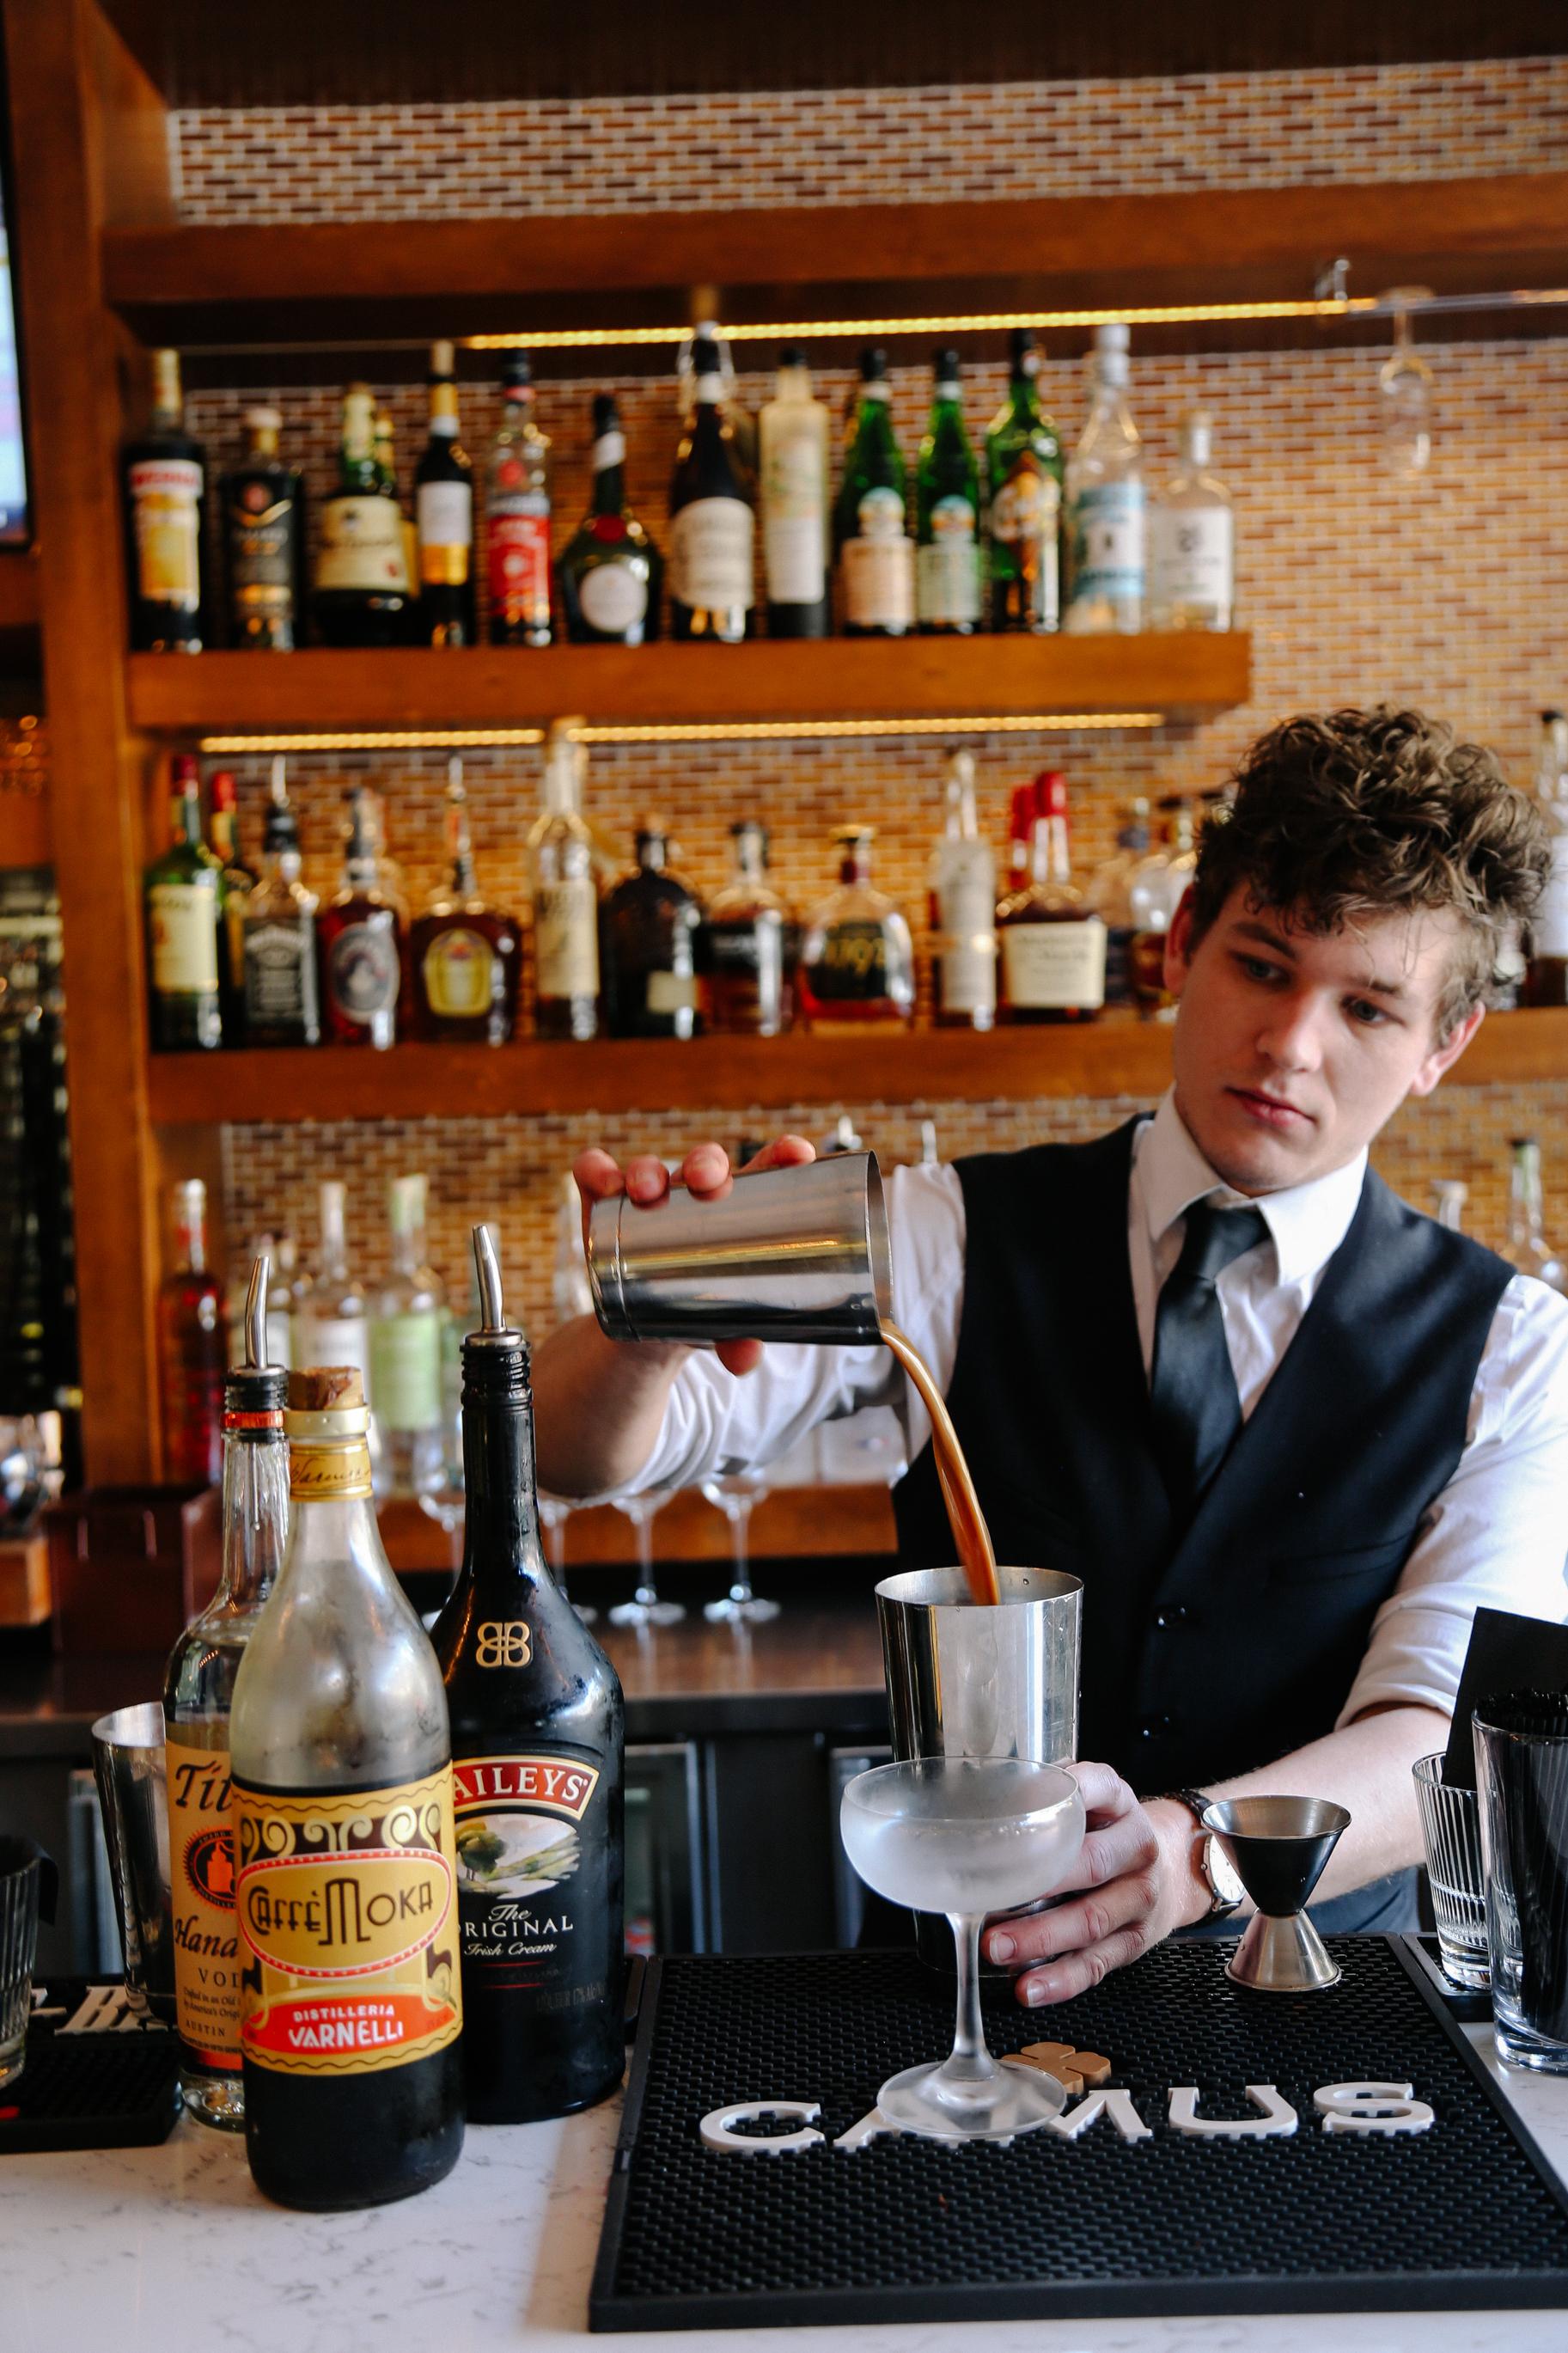 flour-house-cocktail-coffee-5.jpg